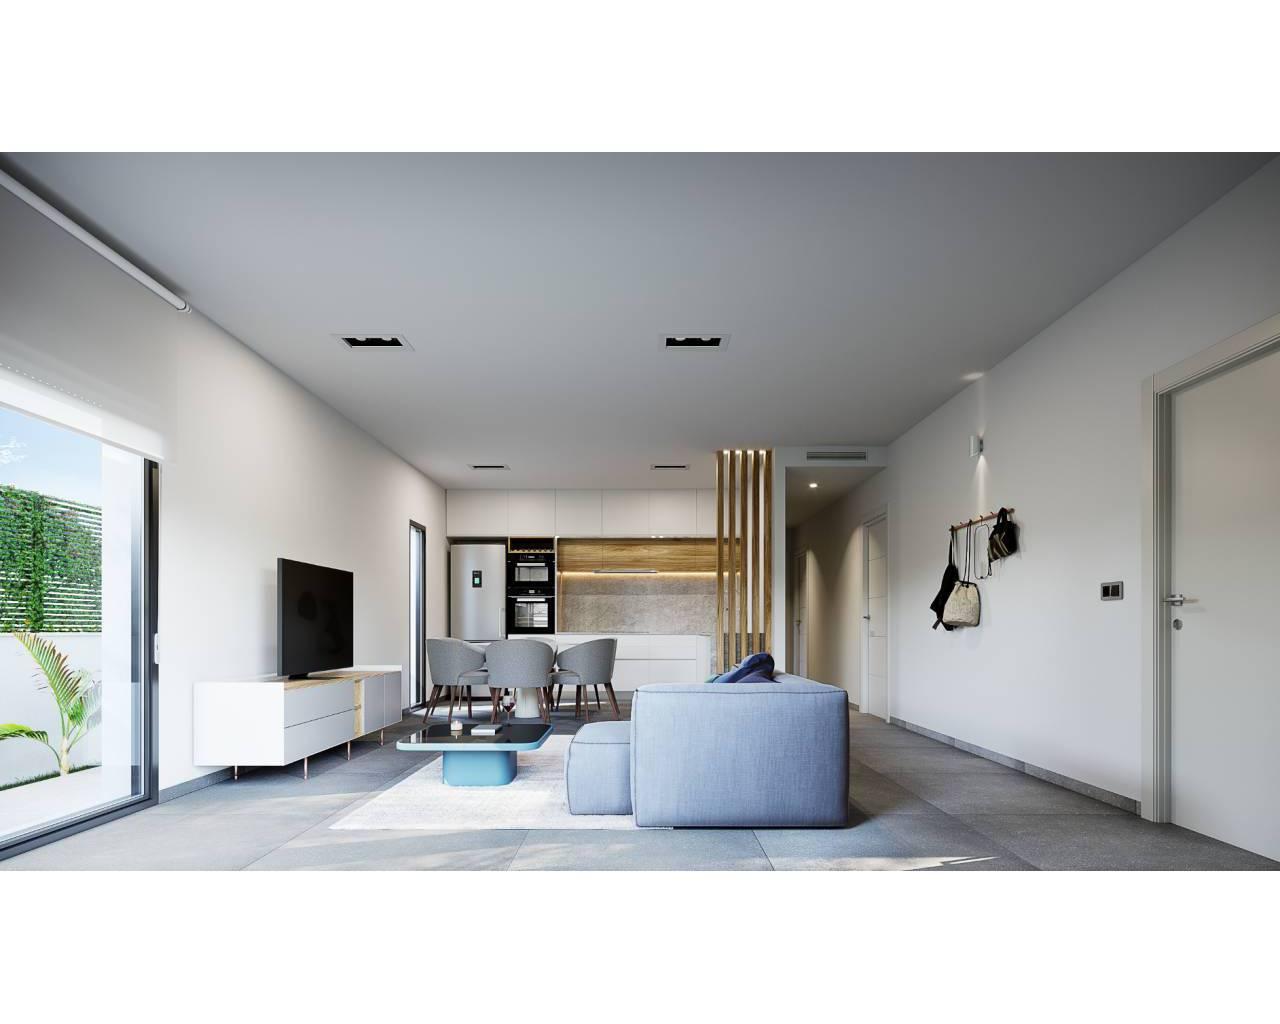 nieuwbouw-half-vrijstaande-villa-los-alcazares-roda-golf_4590_xl